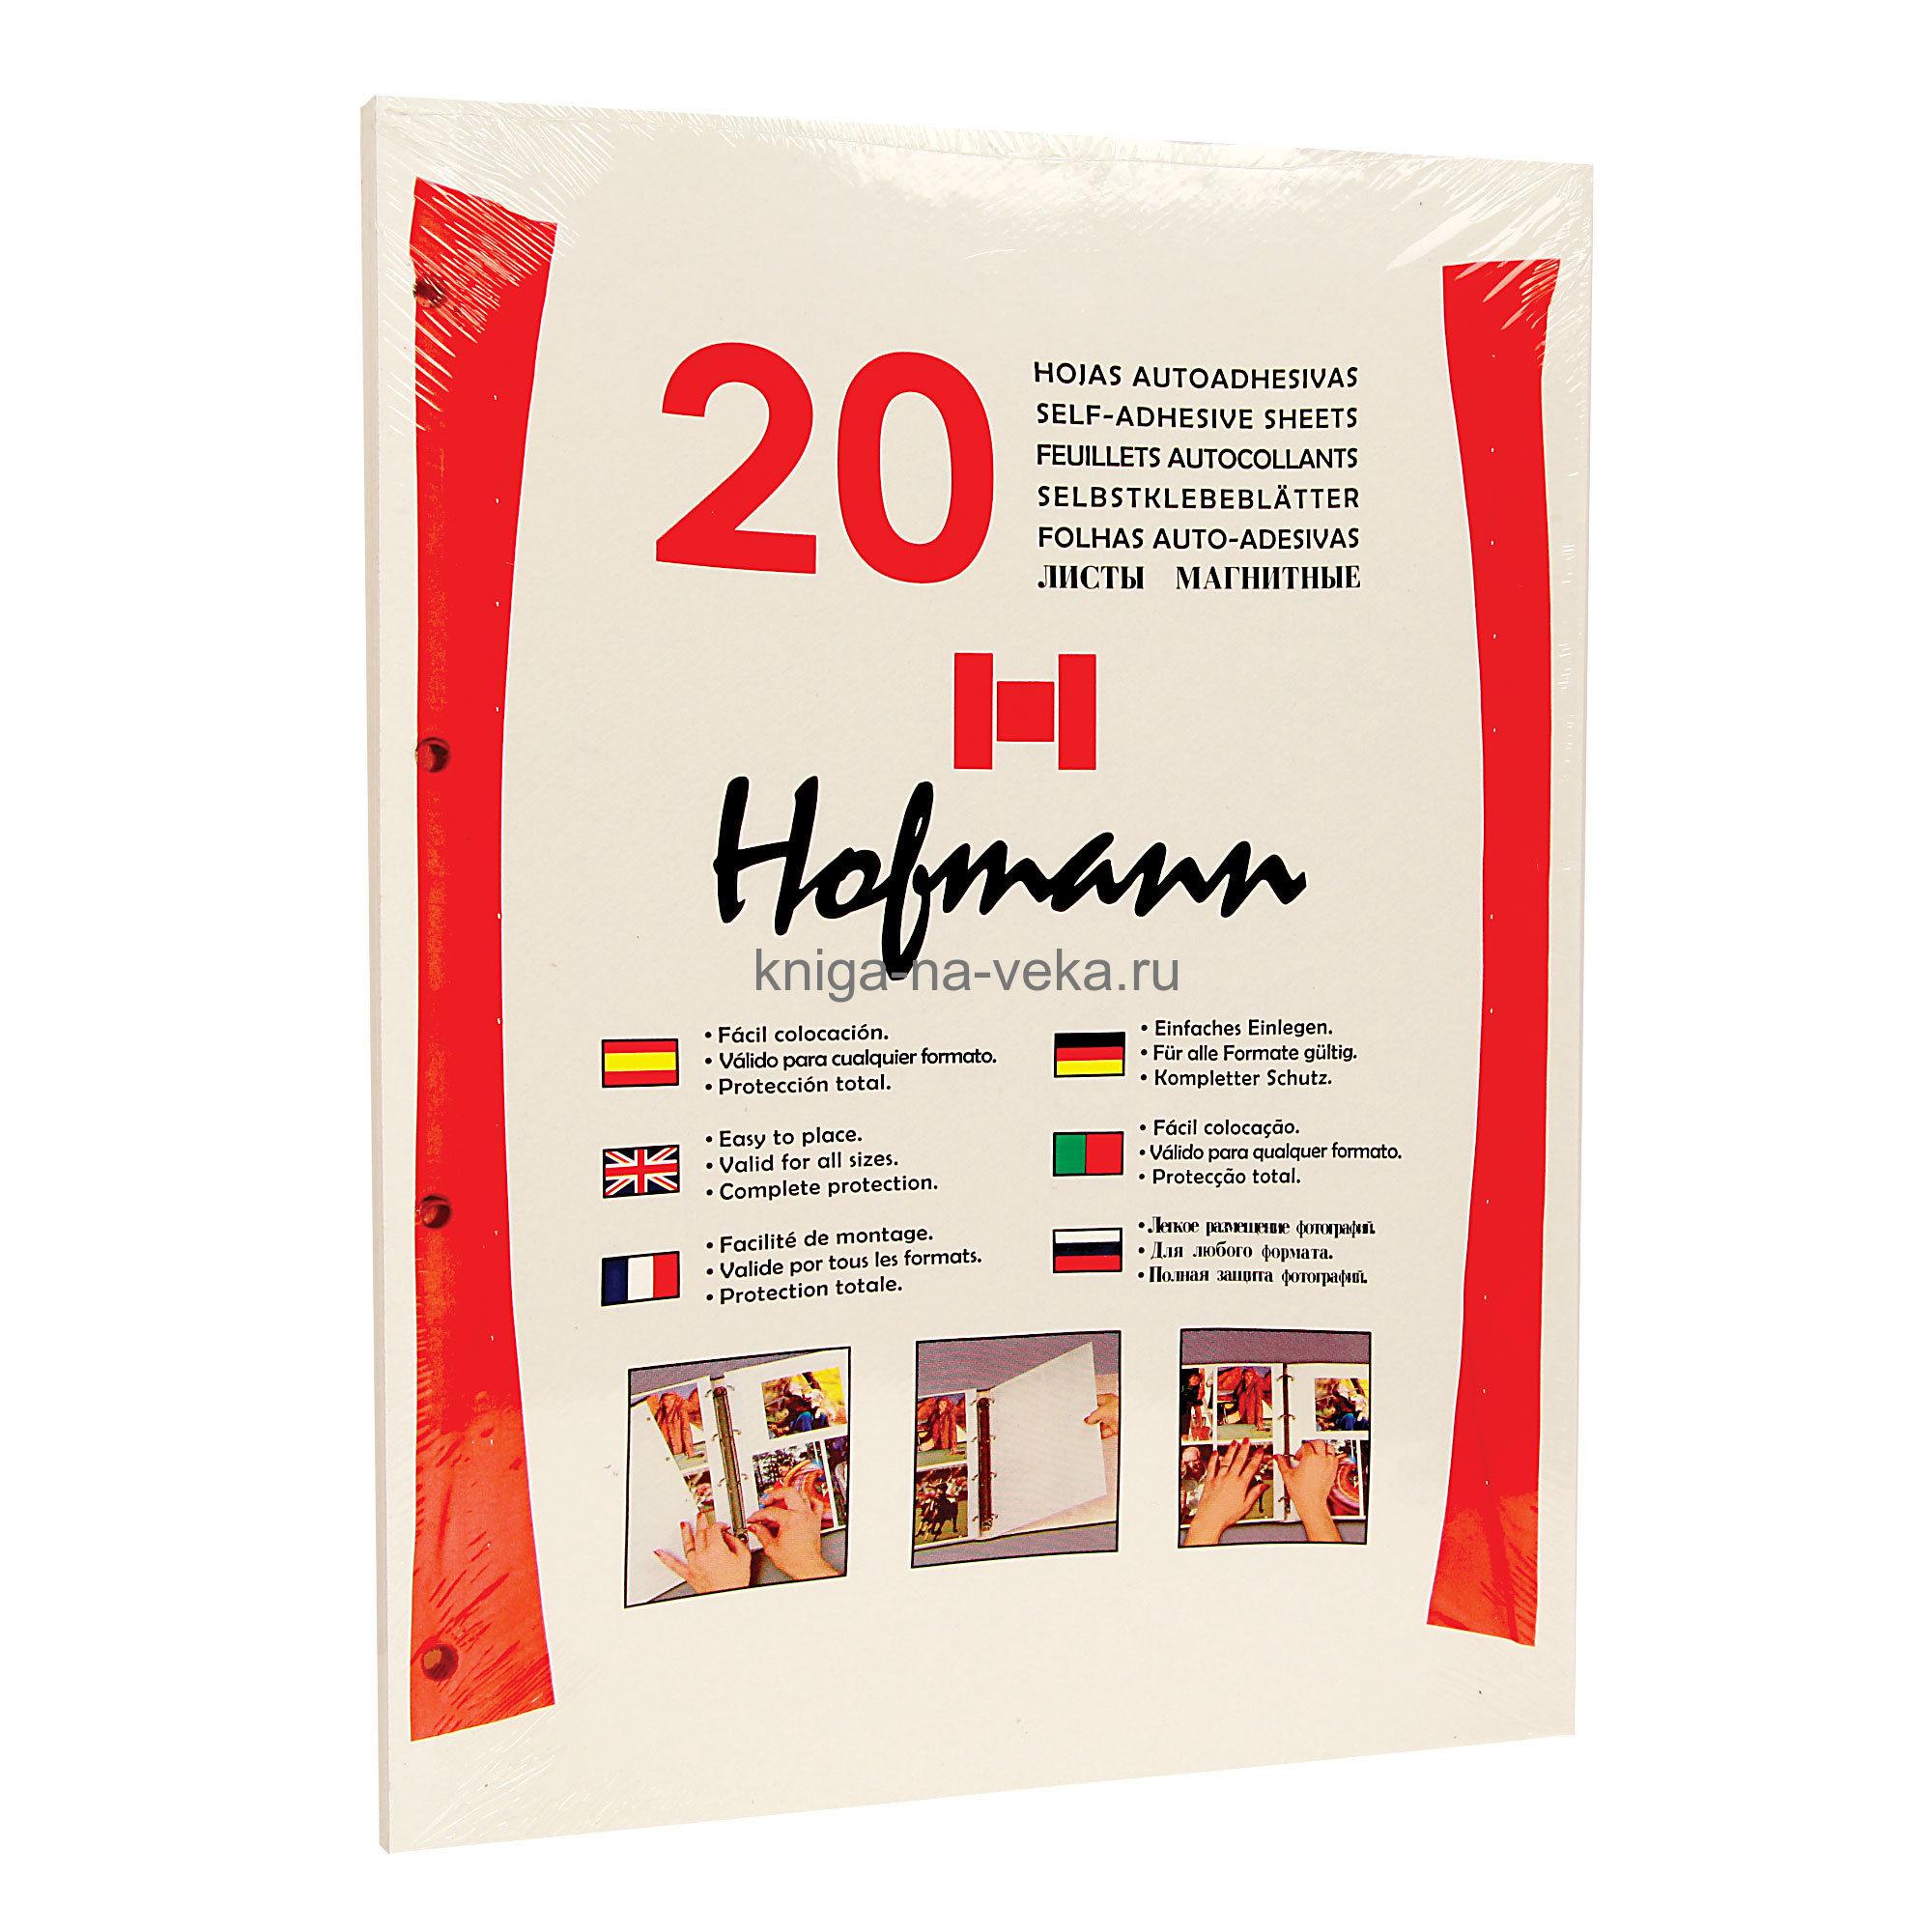 Сменный блок для фотоальбома Hofmann